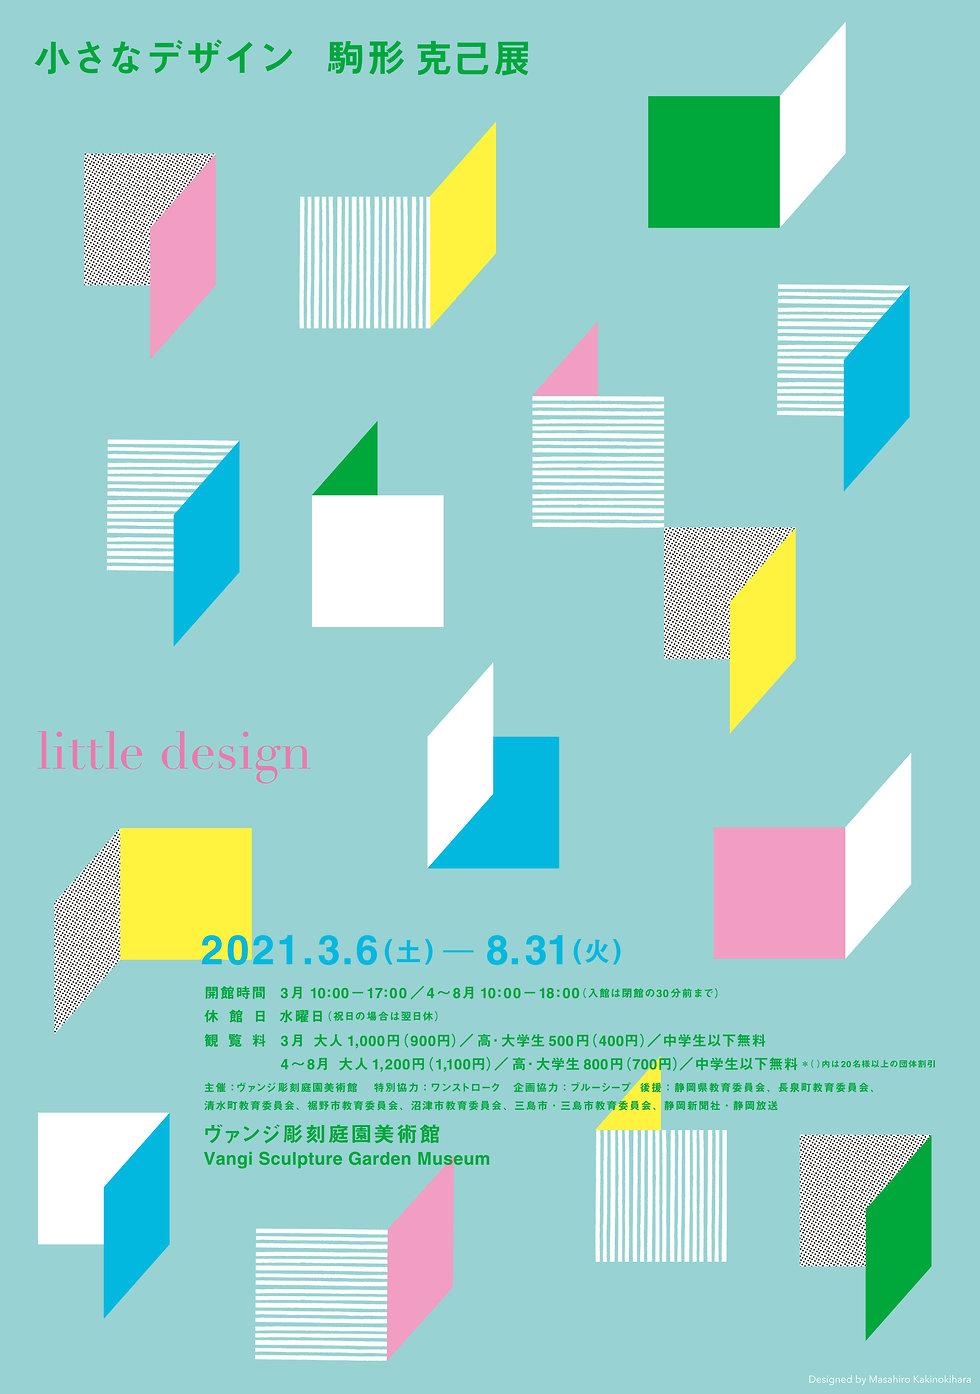 210120_komagataten_shizuoka_チラシ_fix-1.jp